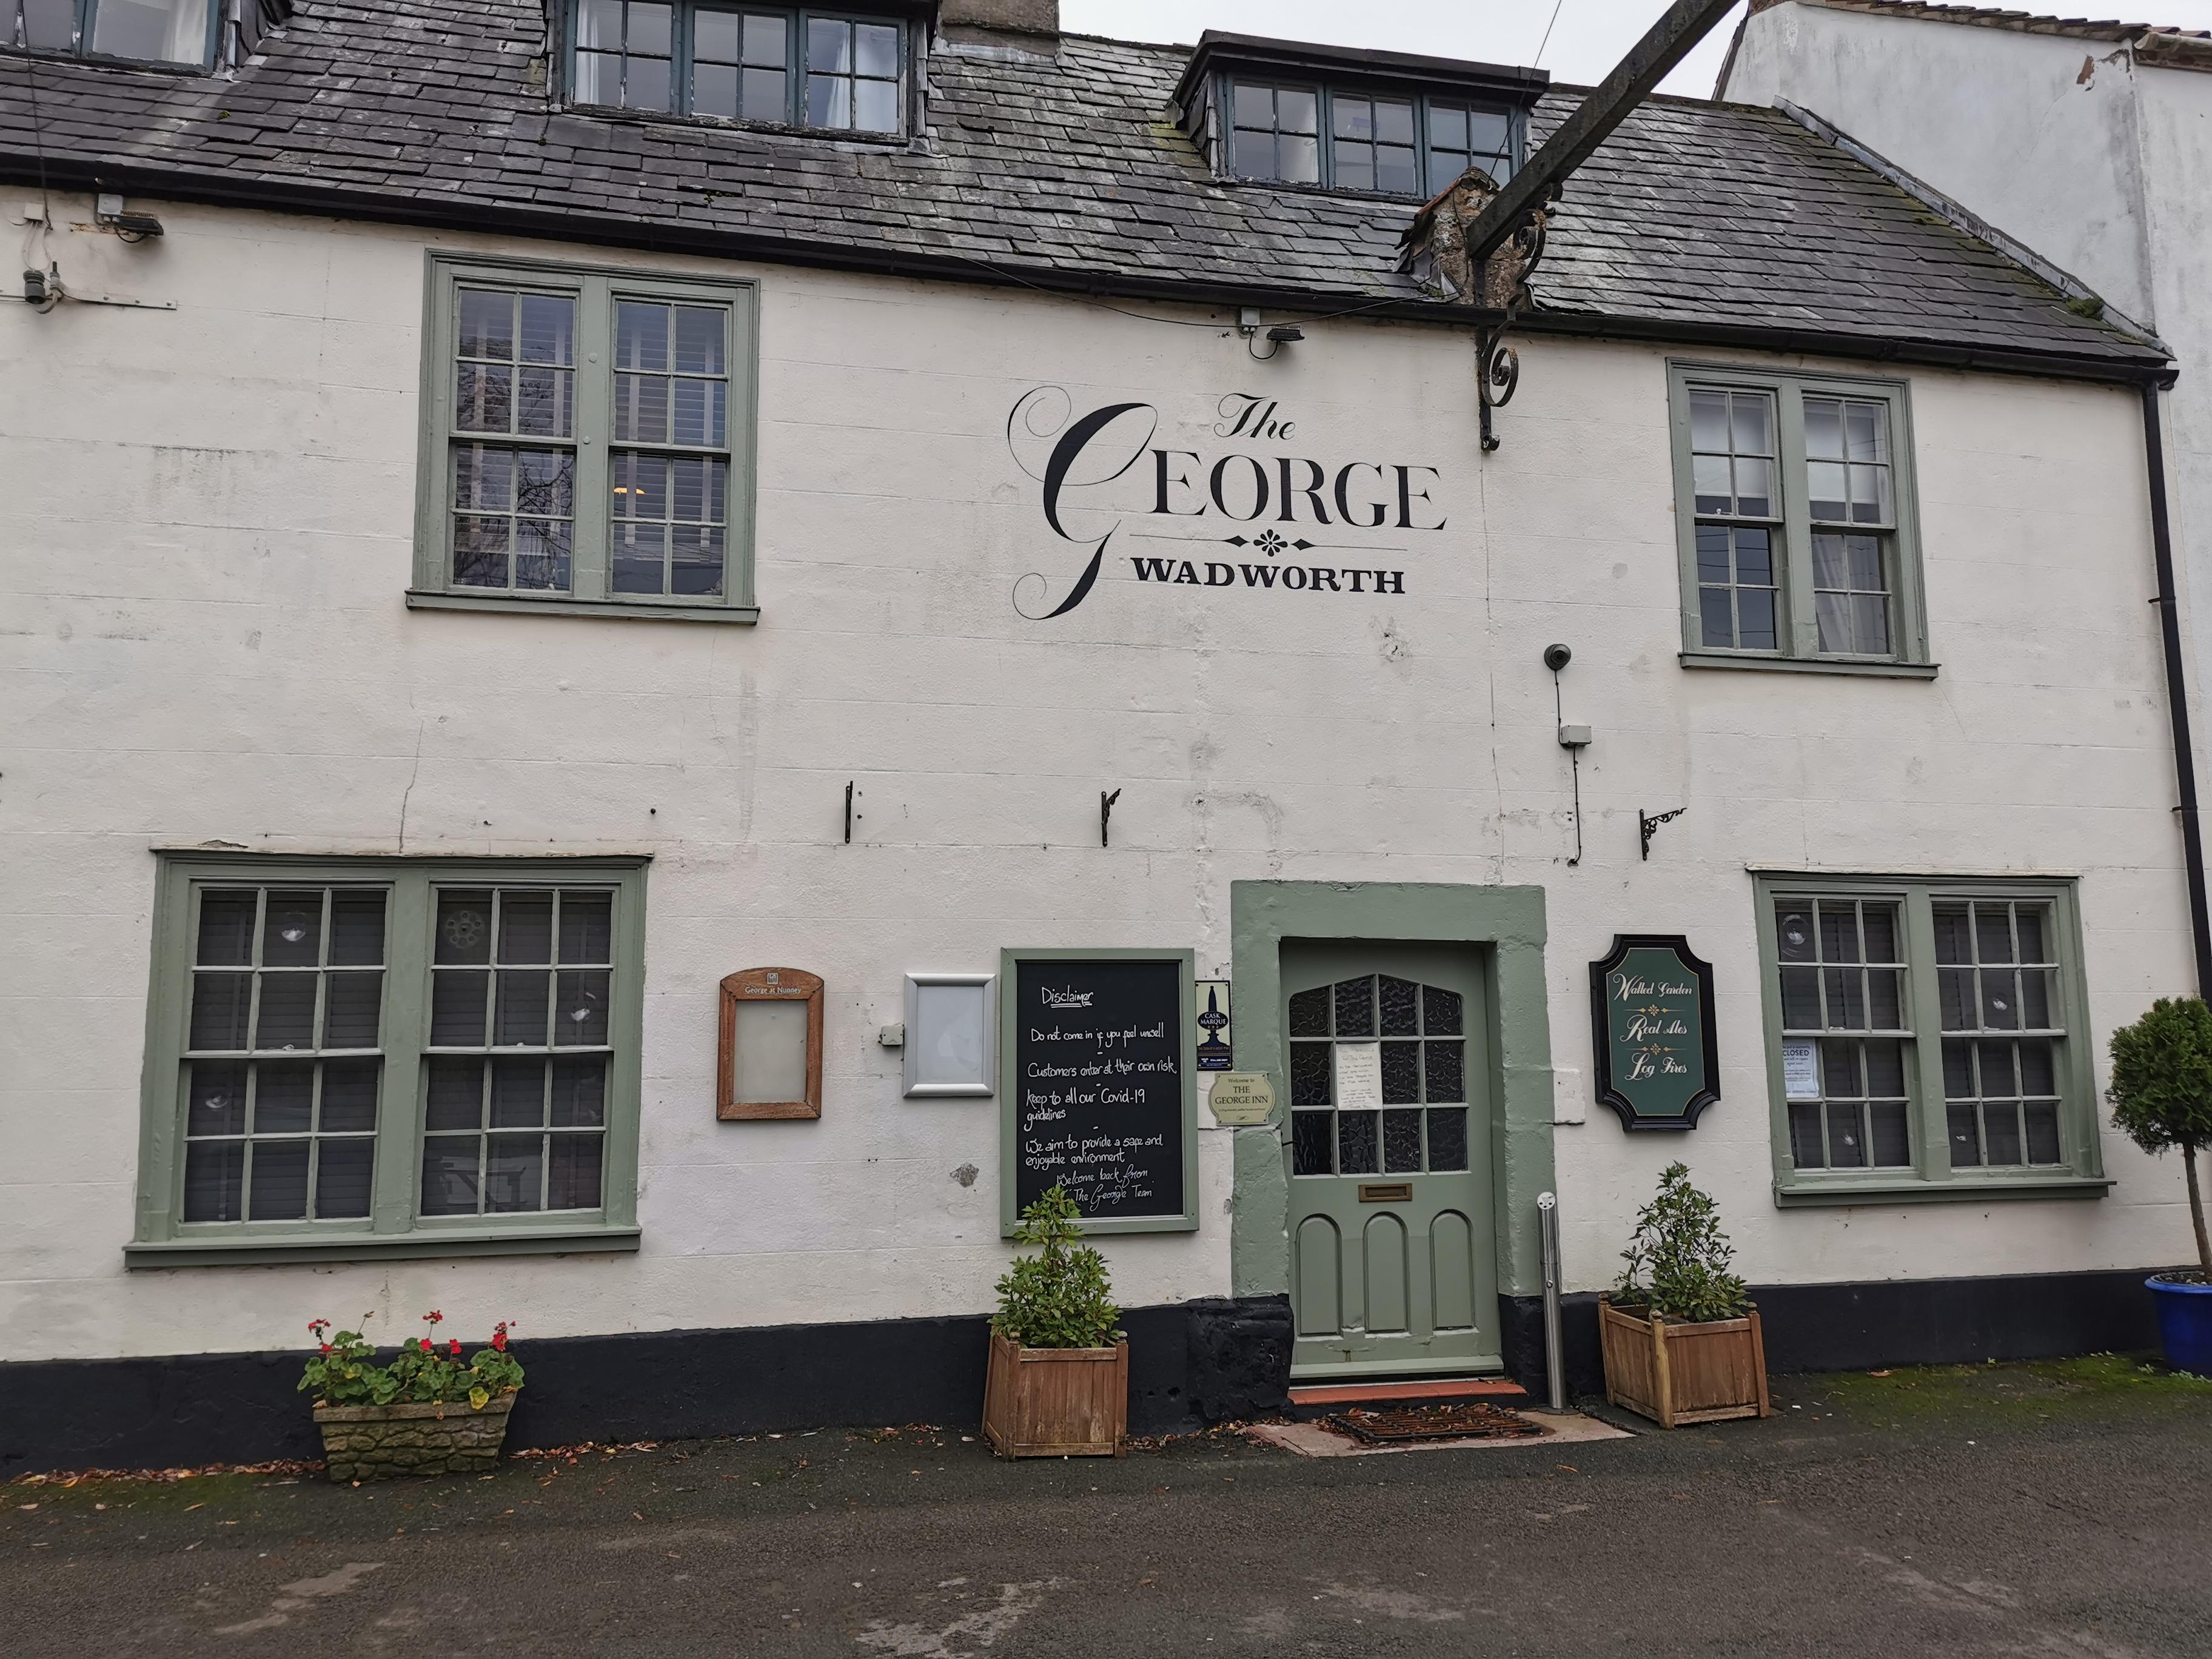 Dog-friendly George Inn